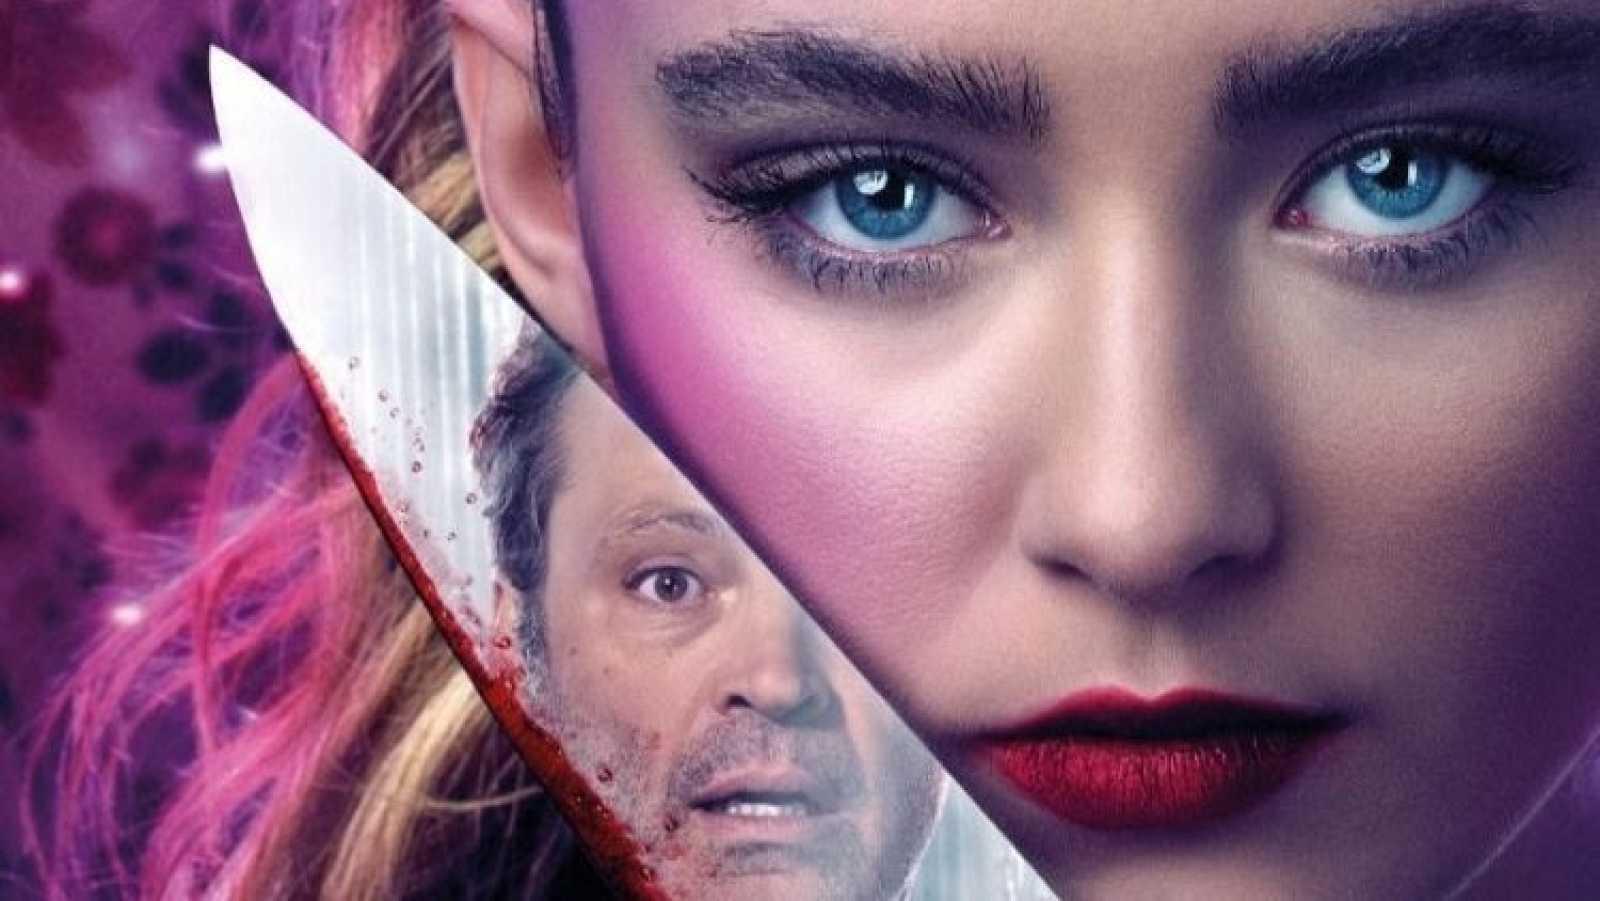 Días de cine - 'Este cuerpo me sienta de muerte'